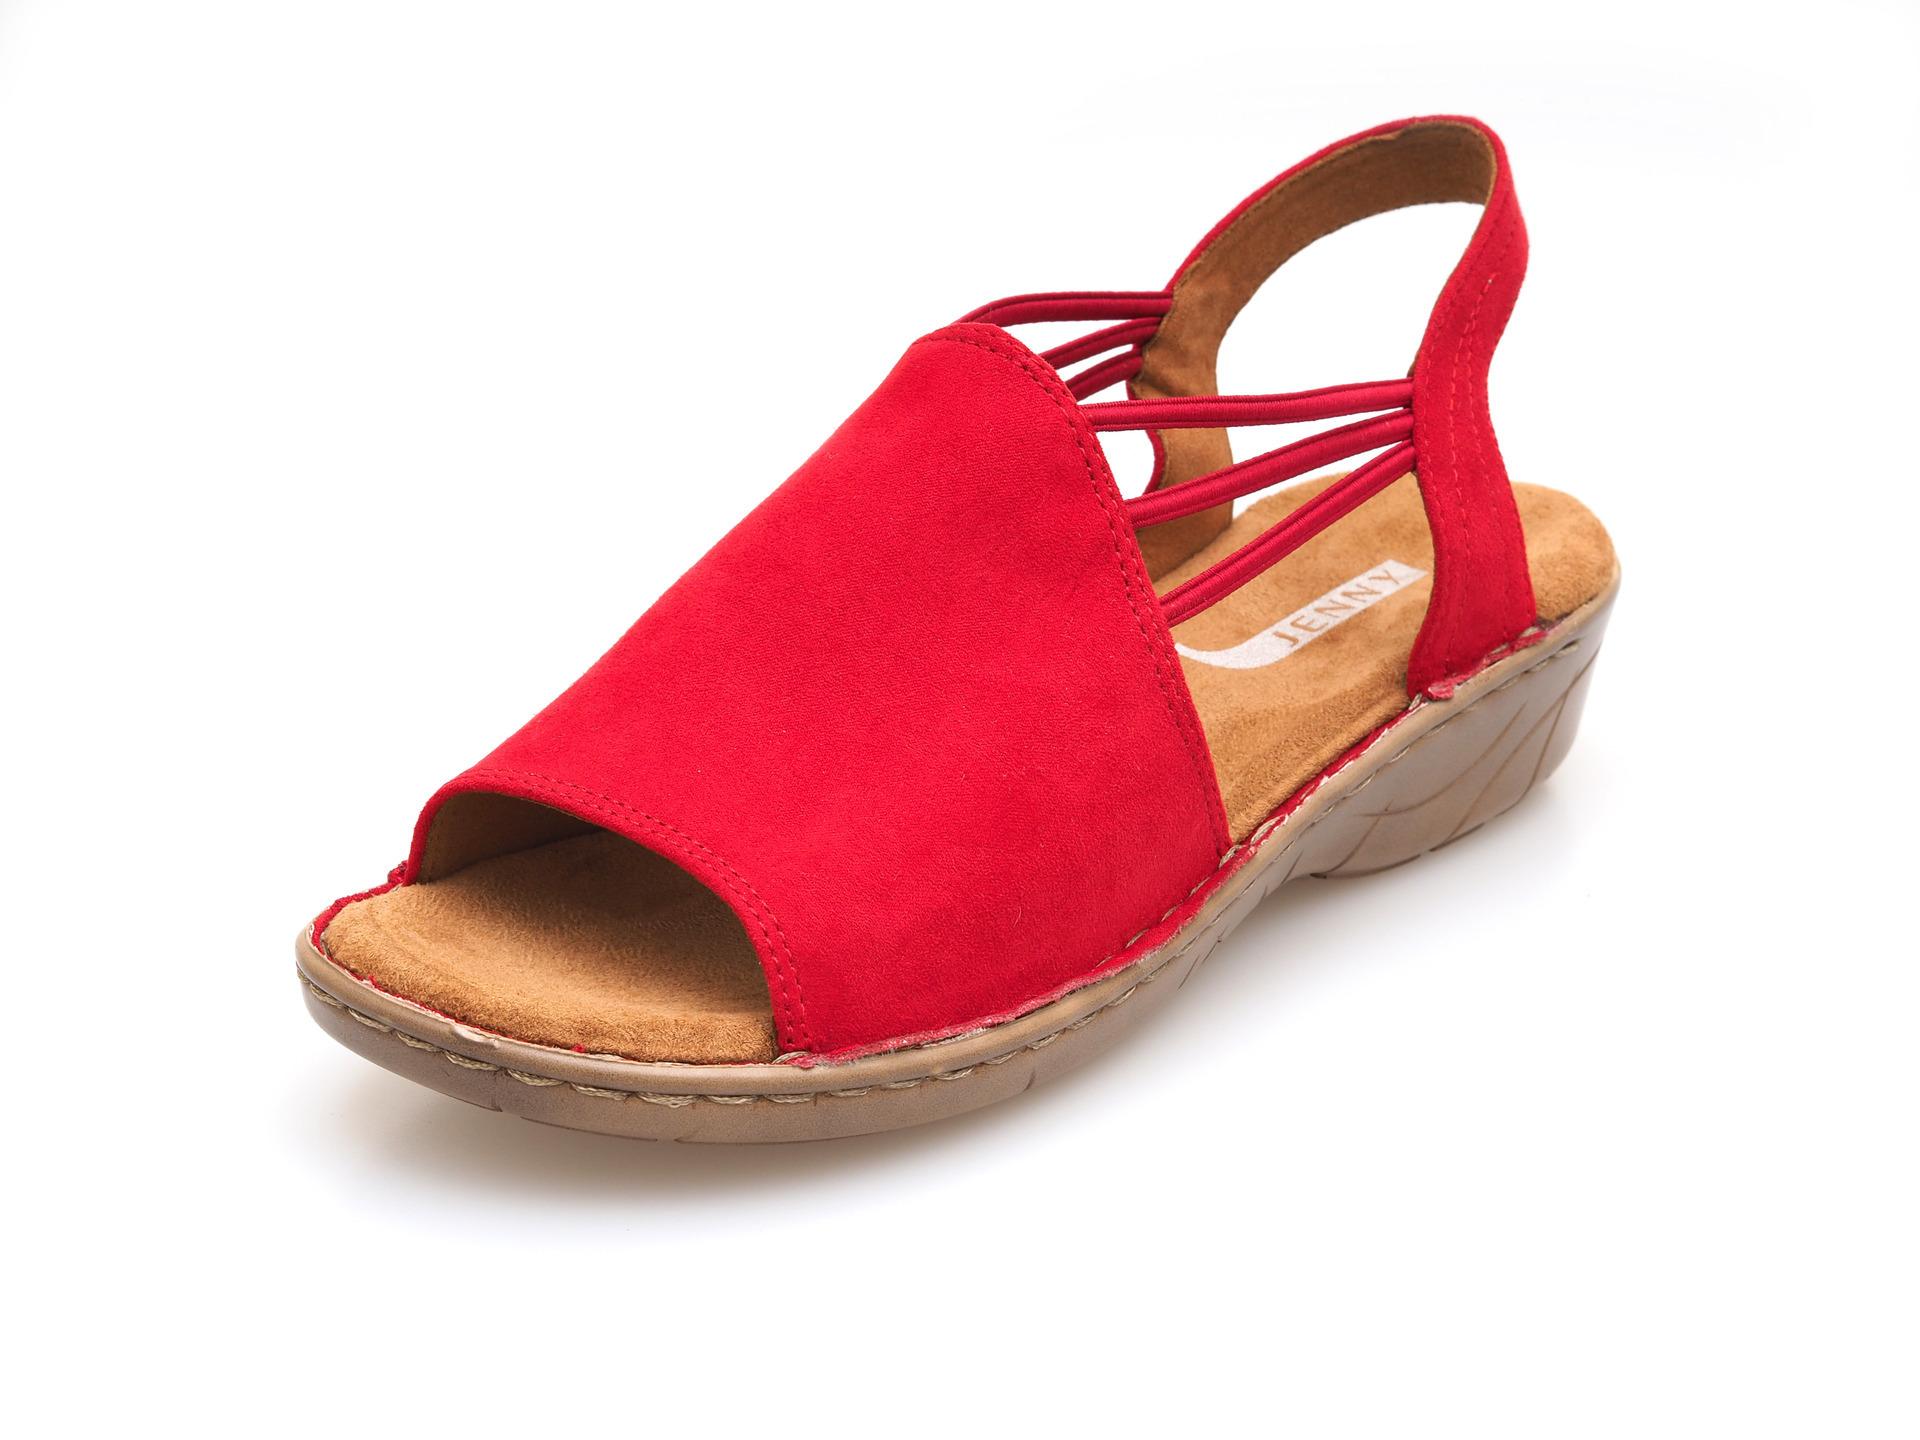 6a9d4524d4 ARA - Sandále - Červené dámske sandále na nízkom podpätku značky Jenny